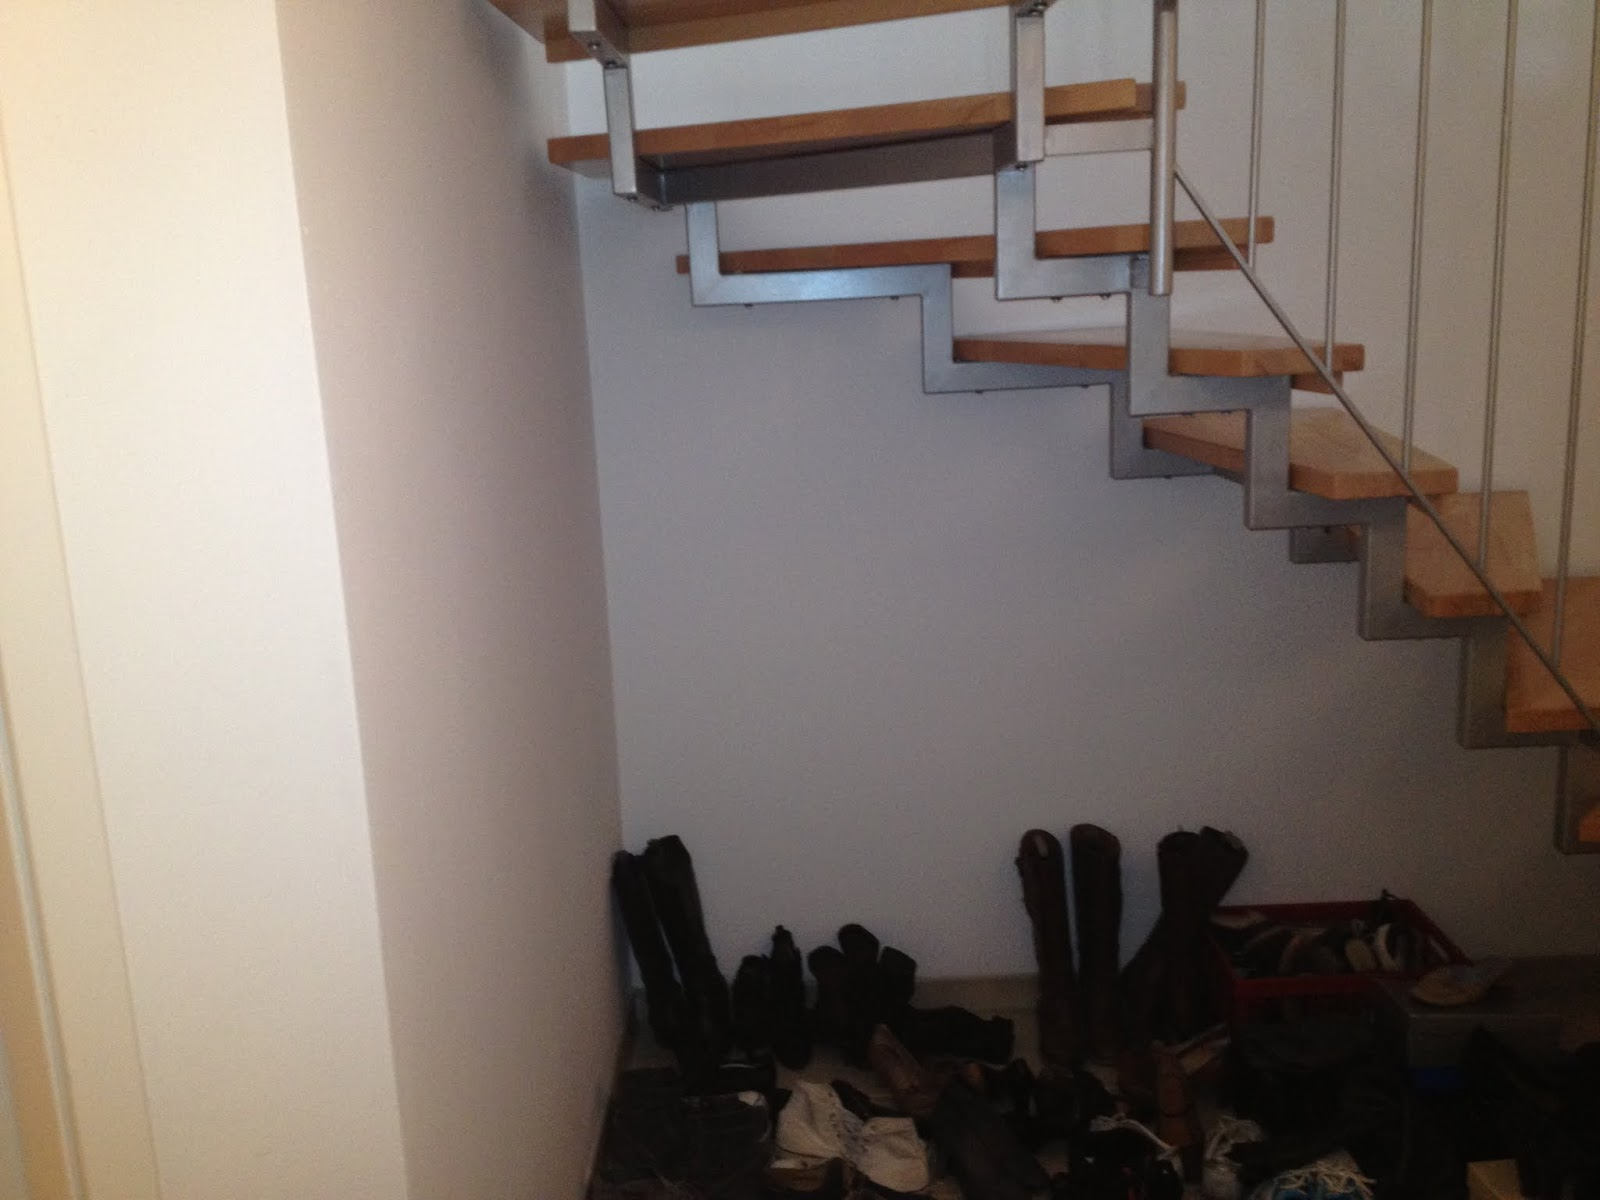 Hobbywerker: Schuhregal unter der Treppe